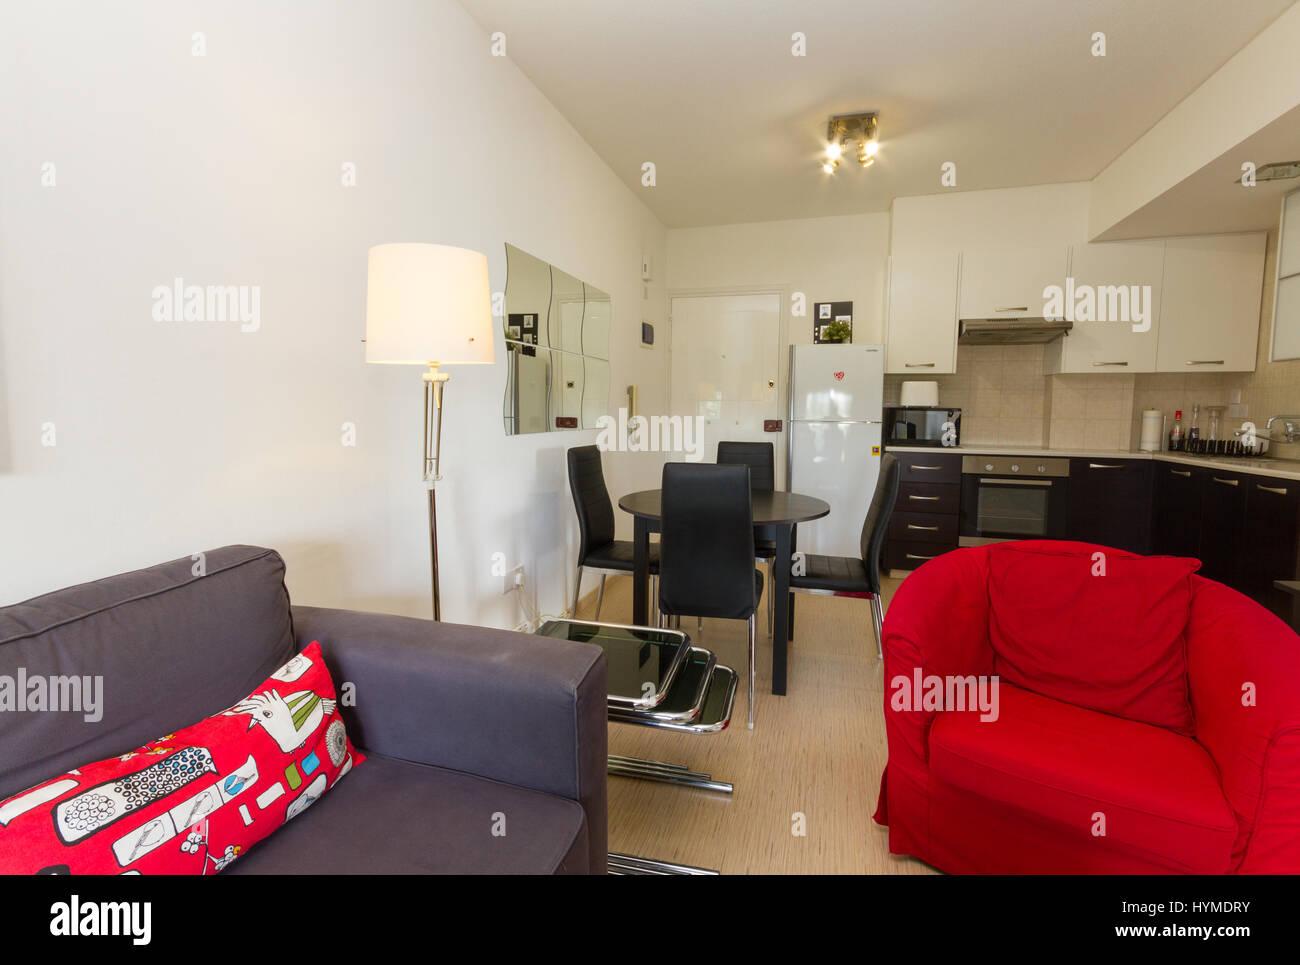 Moderne Wohnzimmer und Küche in Wenge und roten Farben mit Sofa ...